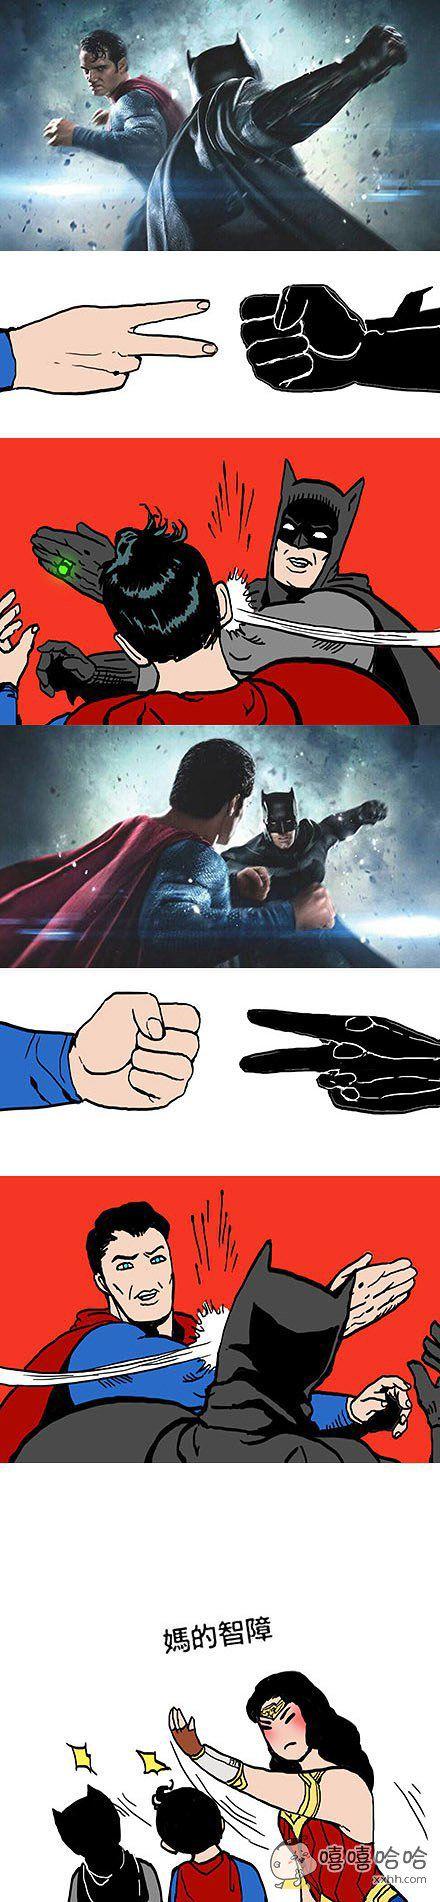 海报猜拳升级版,告诉你:超蝙大战应该怎样结束